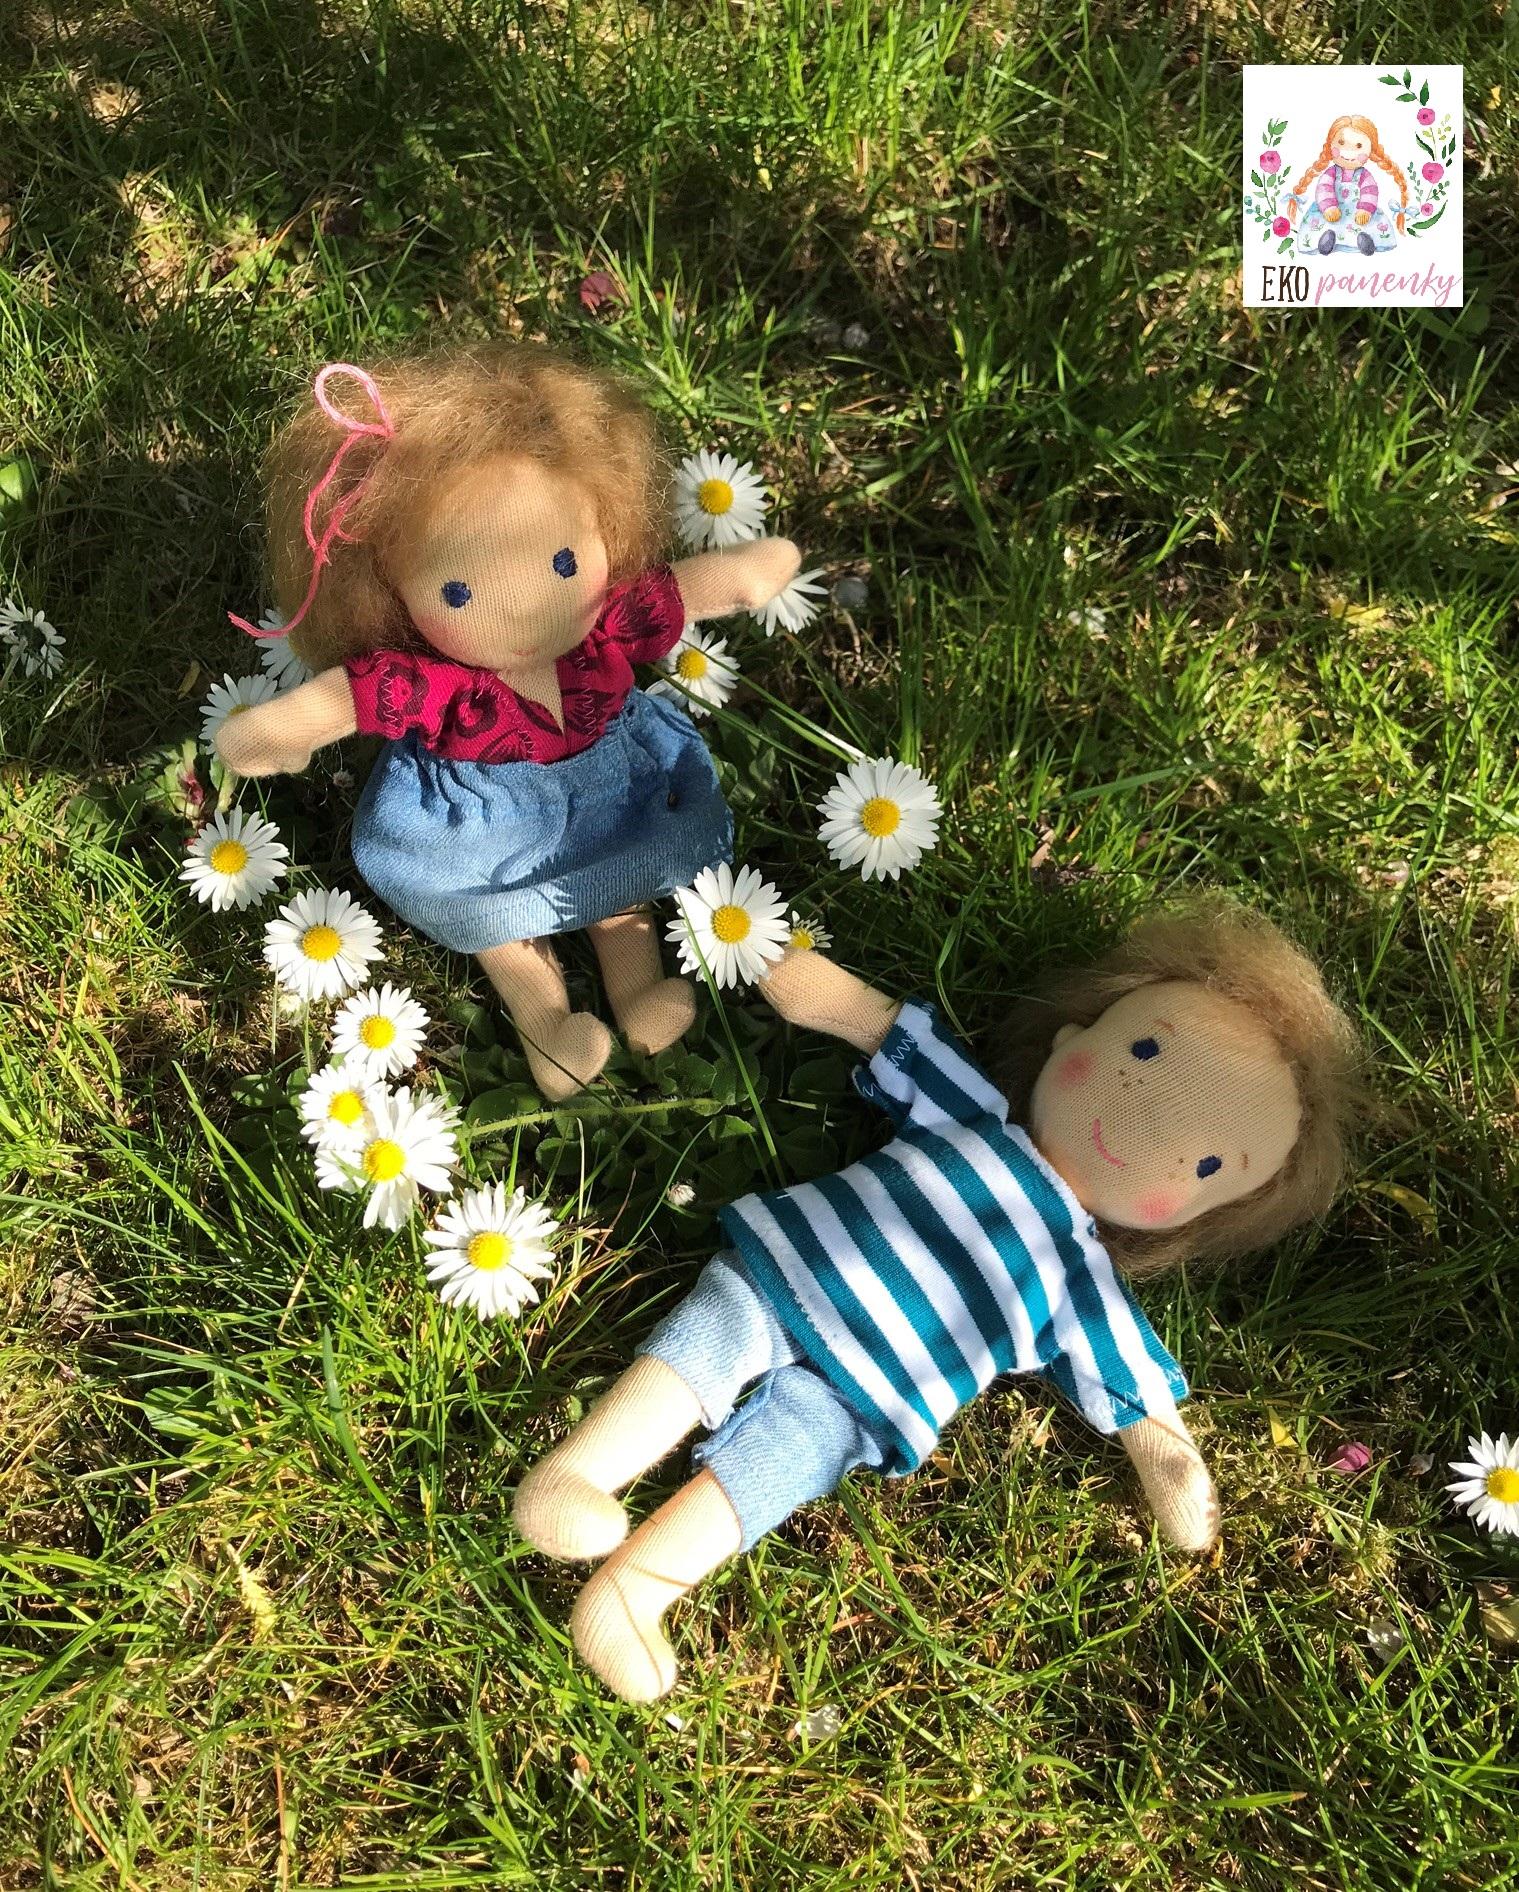 Sourozenci do kapsy leží v trávě, látková panenka, ekopanenky. panenky s duší